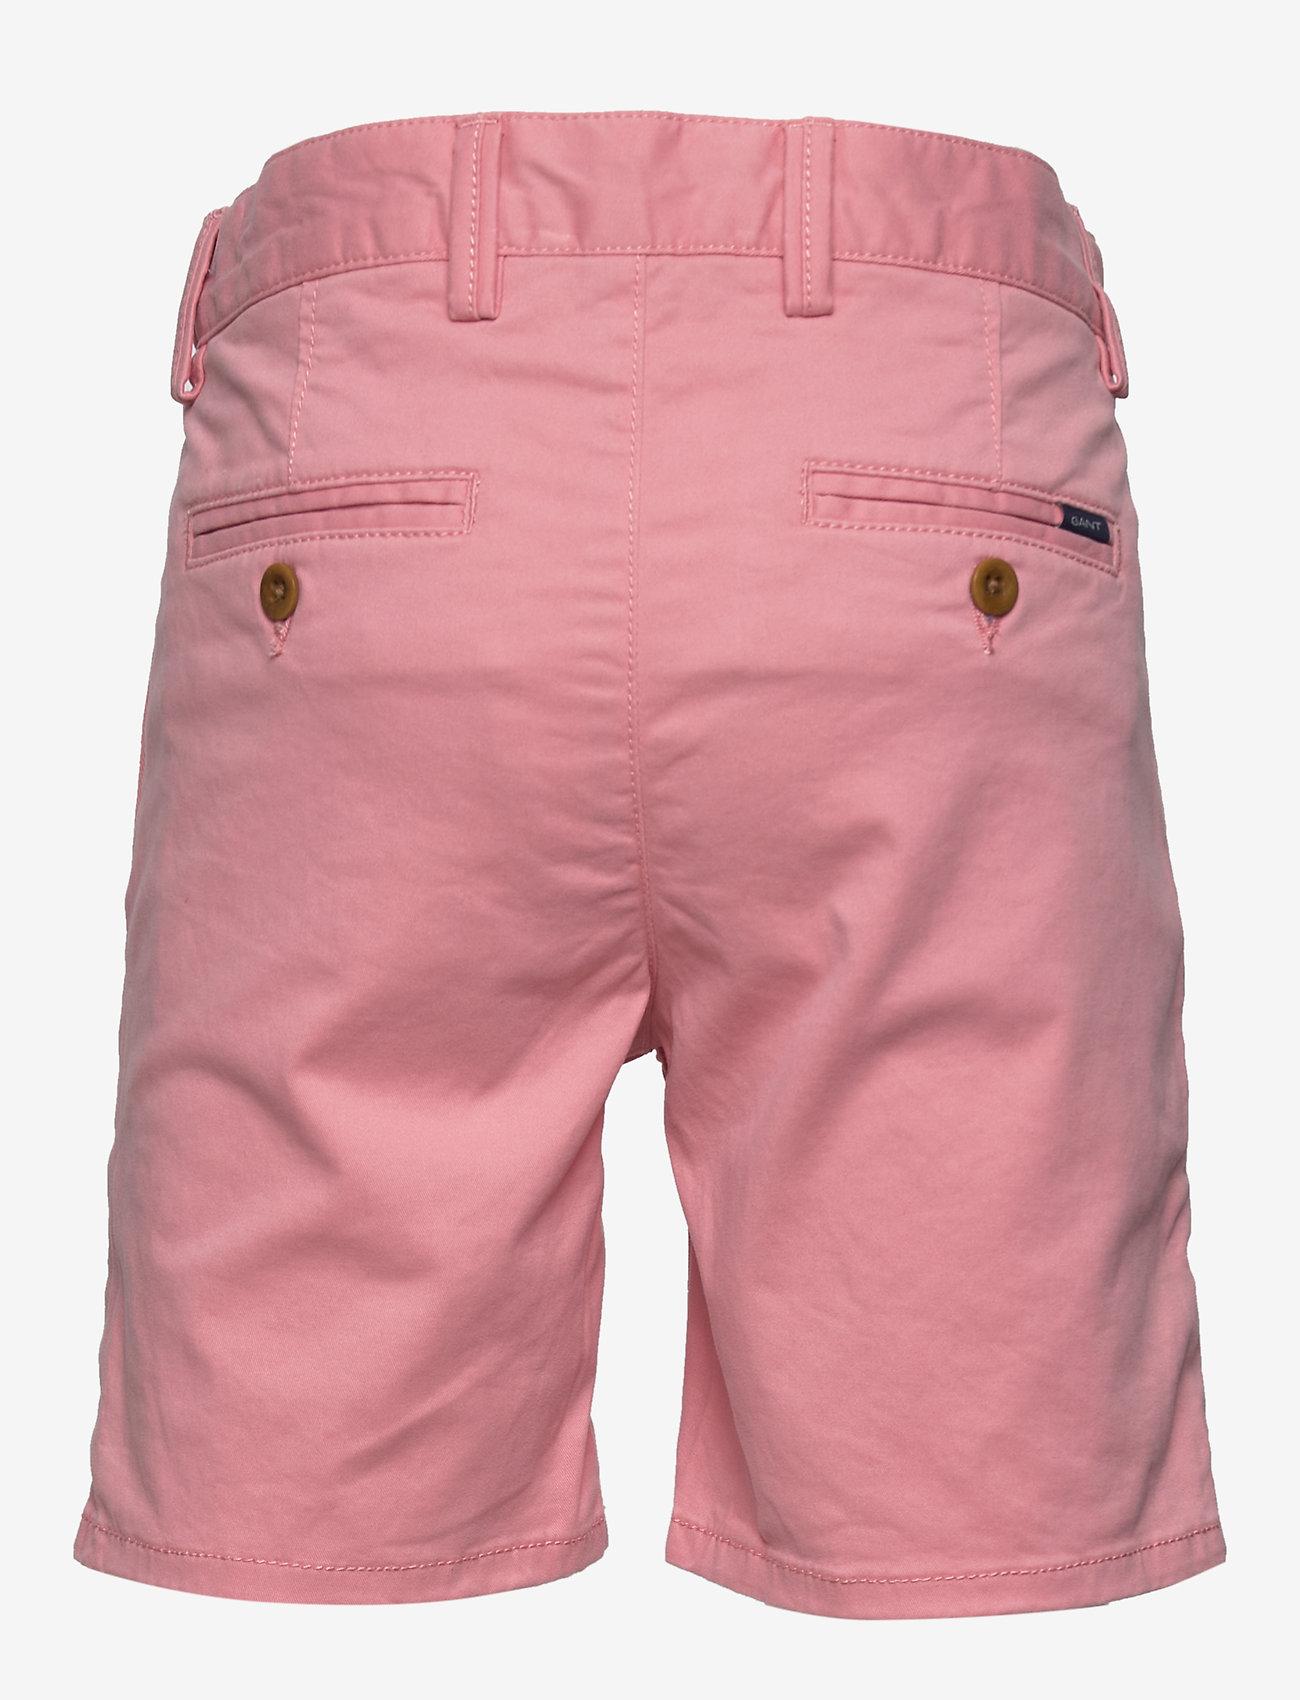 GANT - CHINO SHORTS - shorts - strawberry pink - 1